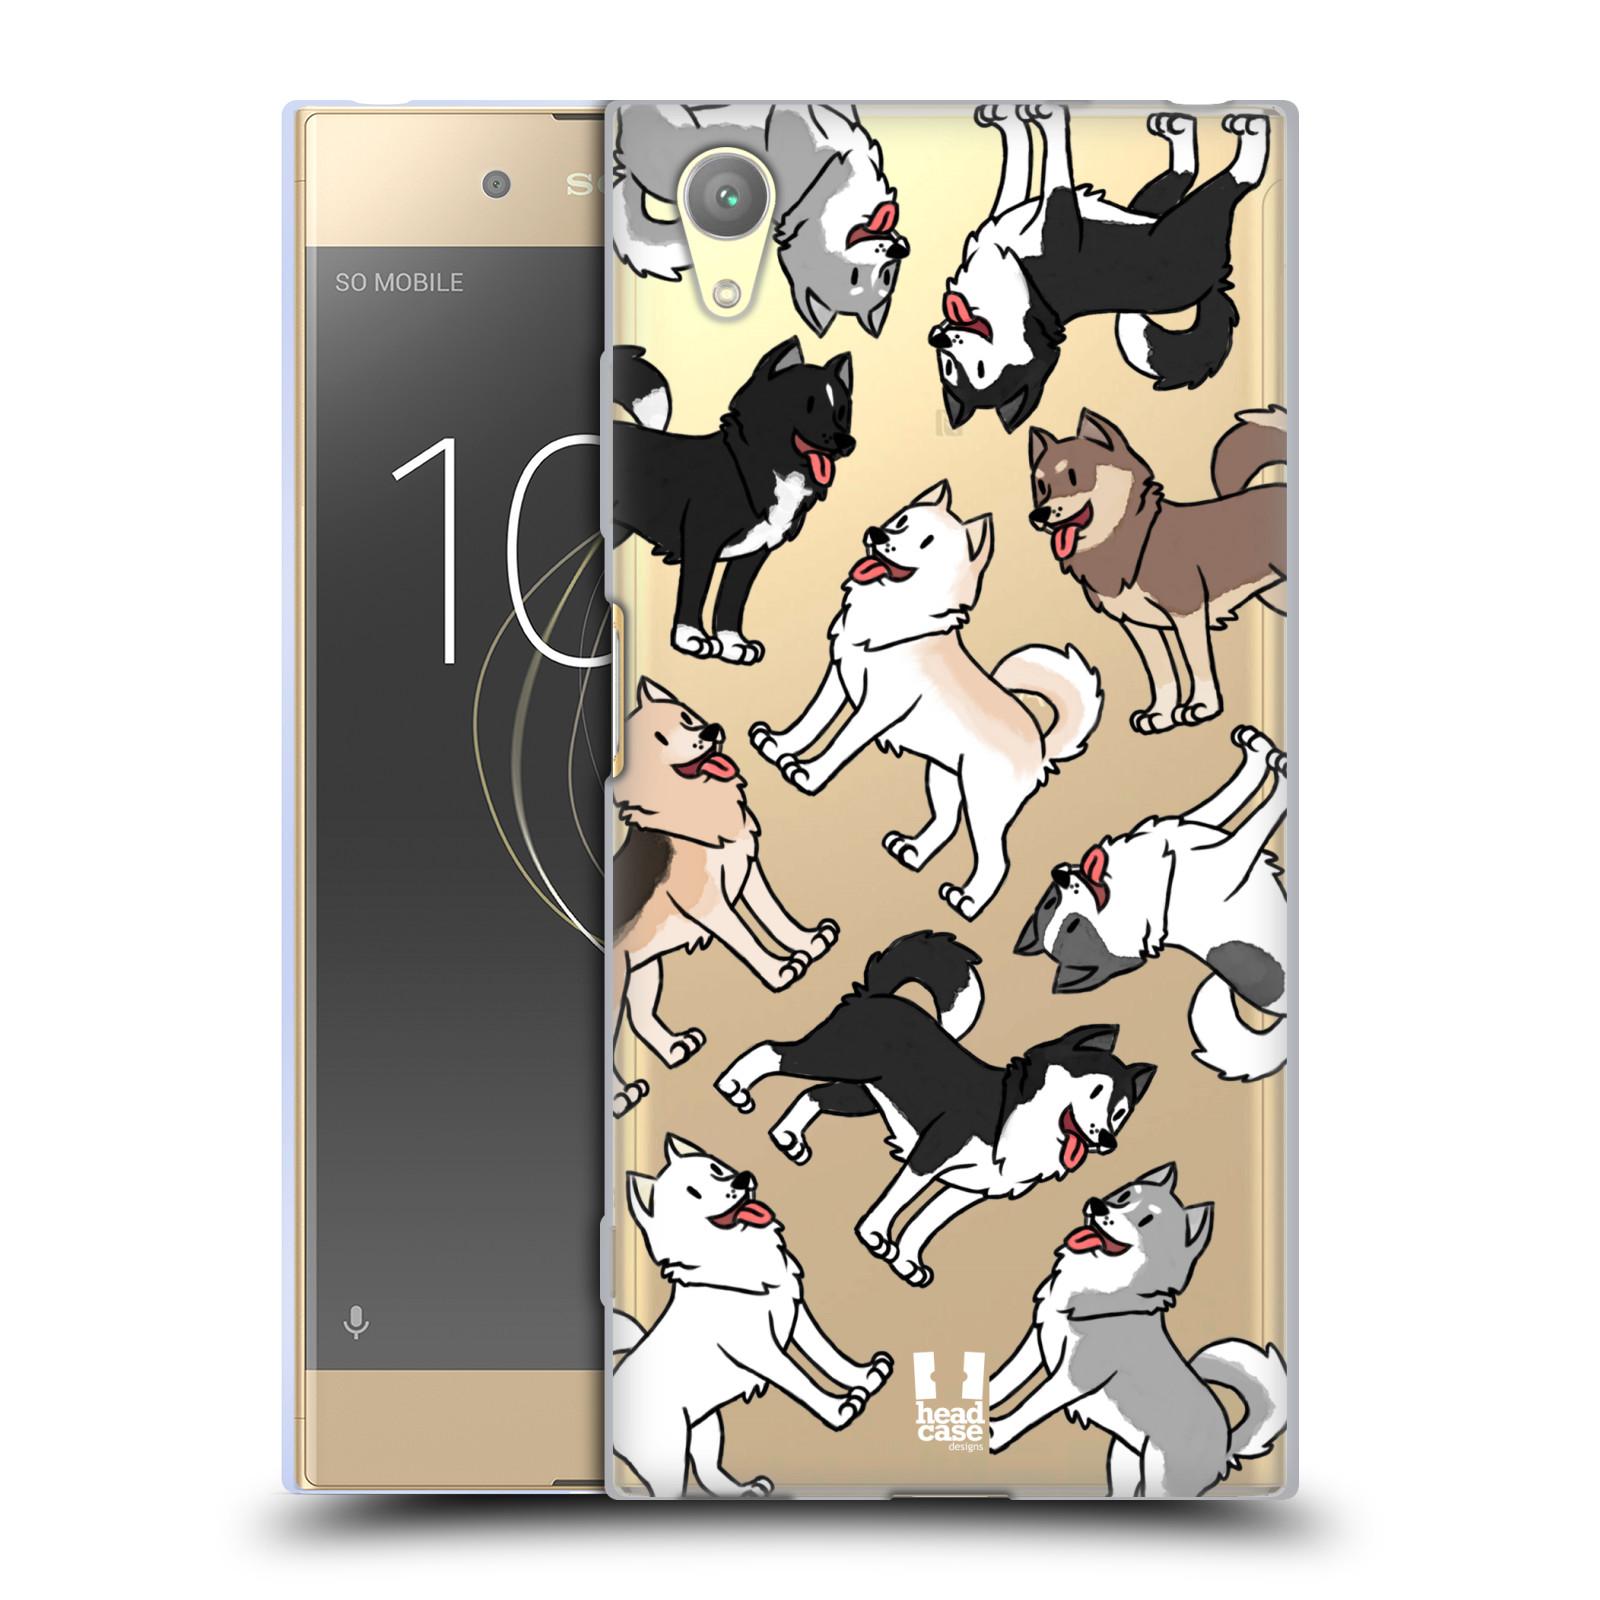 HEAD CASE silikonový obal na mobil Sony Xperia XA1 PLUS pejsek Sibiřský husky